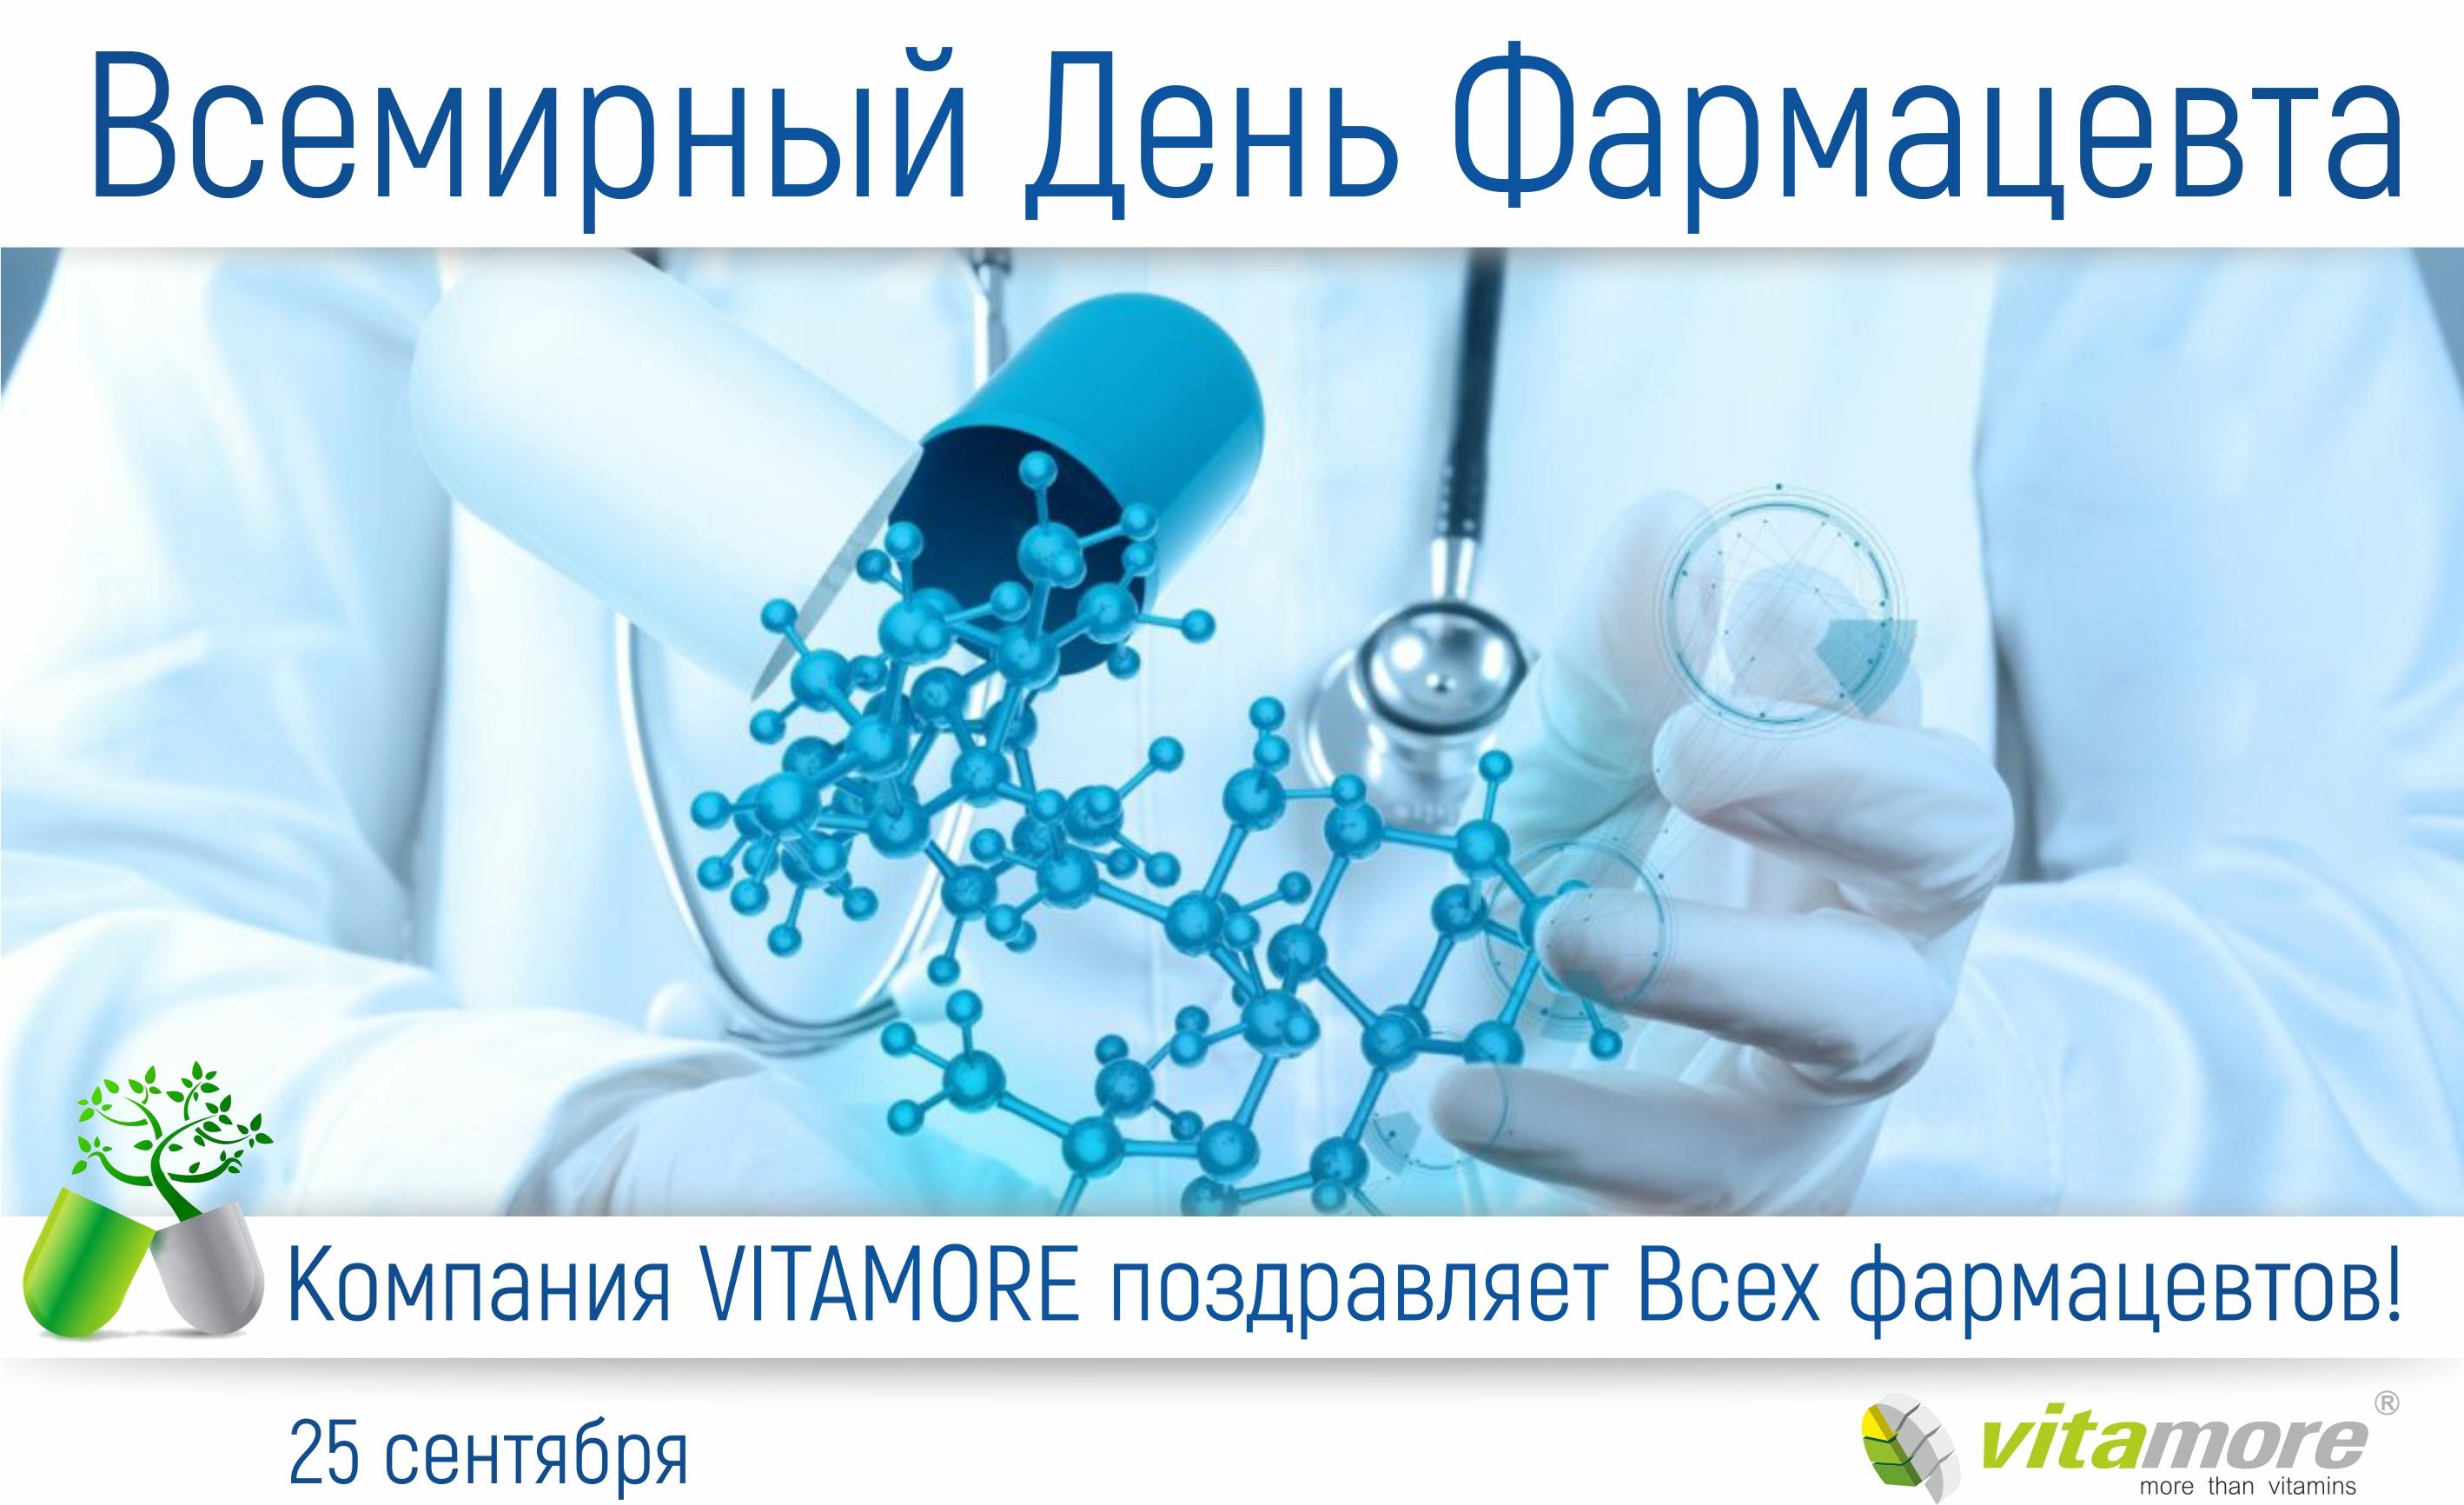 Войлока, фармацевт картинки поздравления